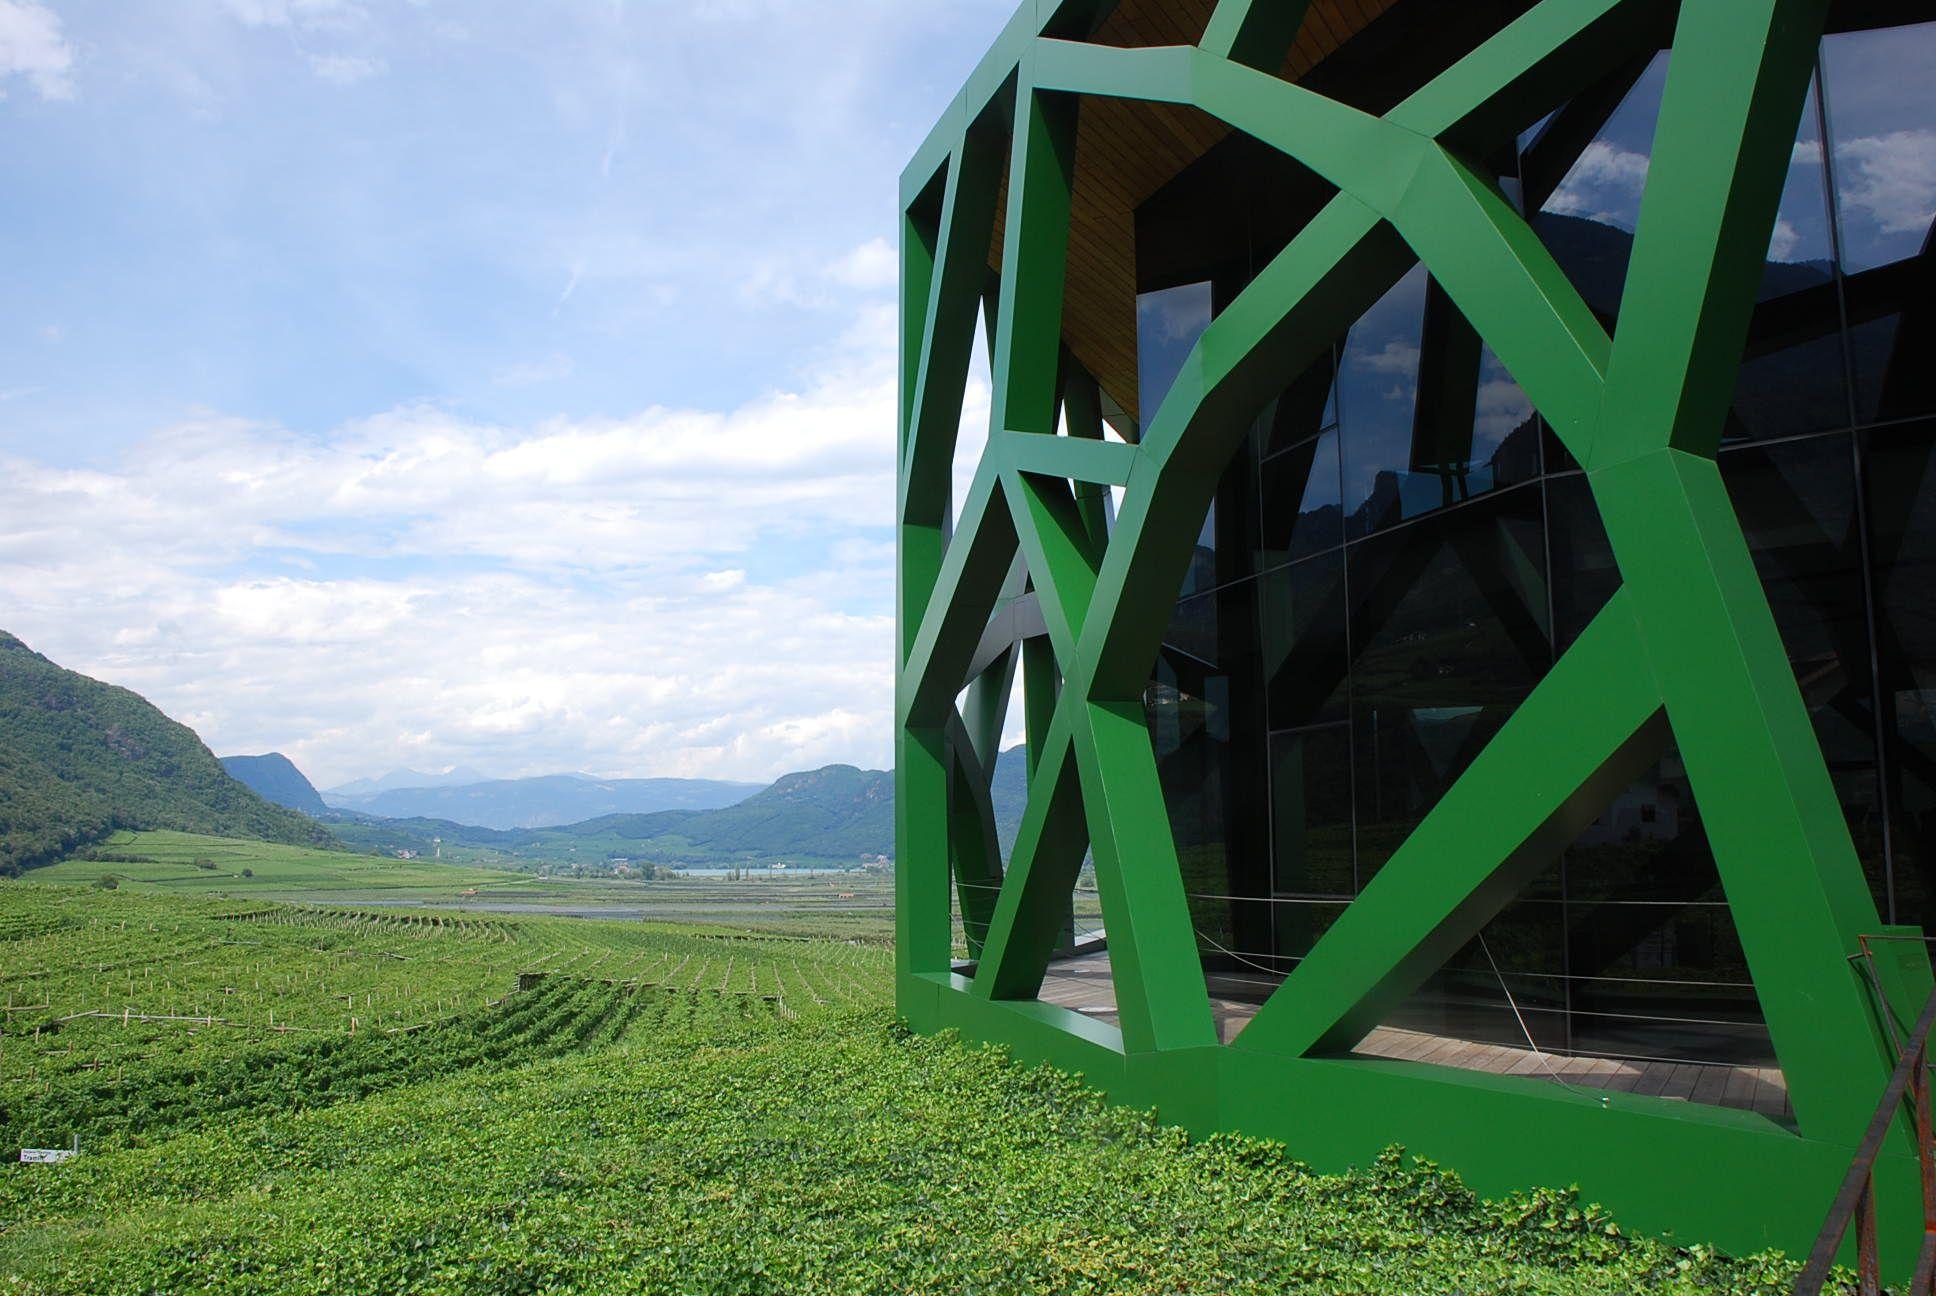 Wine Factory Termeno Italy by ndv www.nunziodavia.com